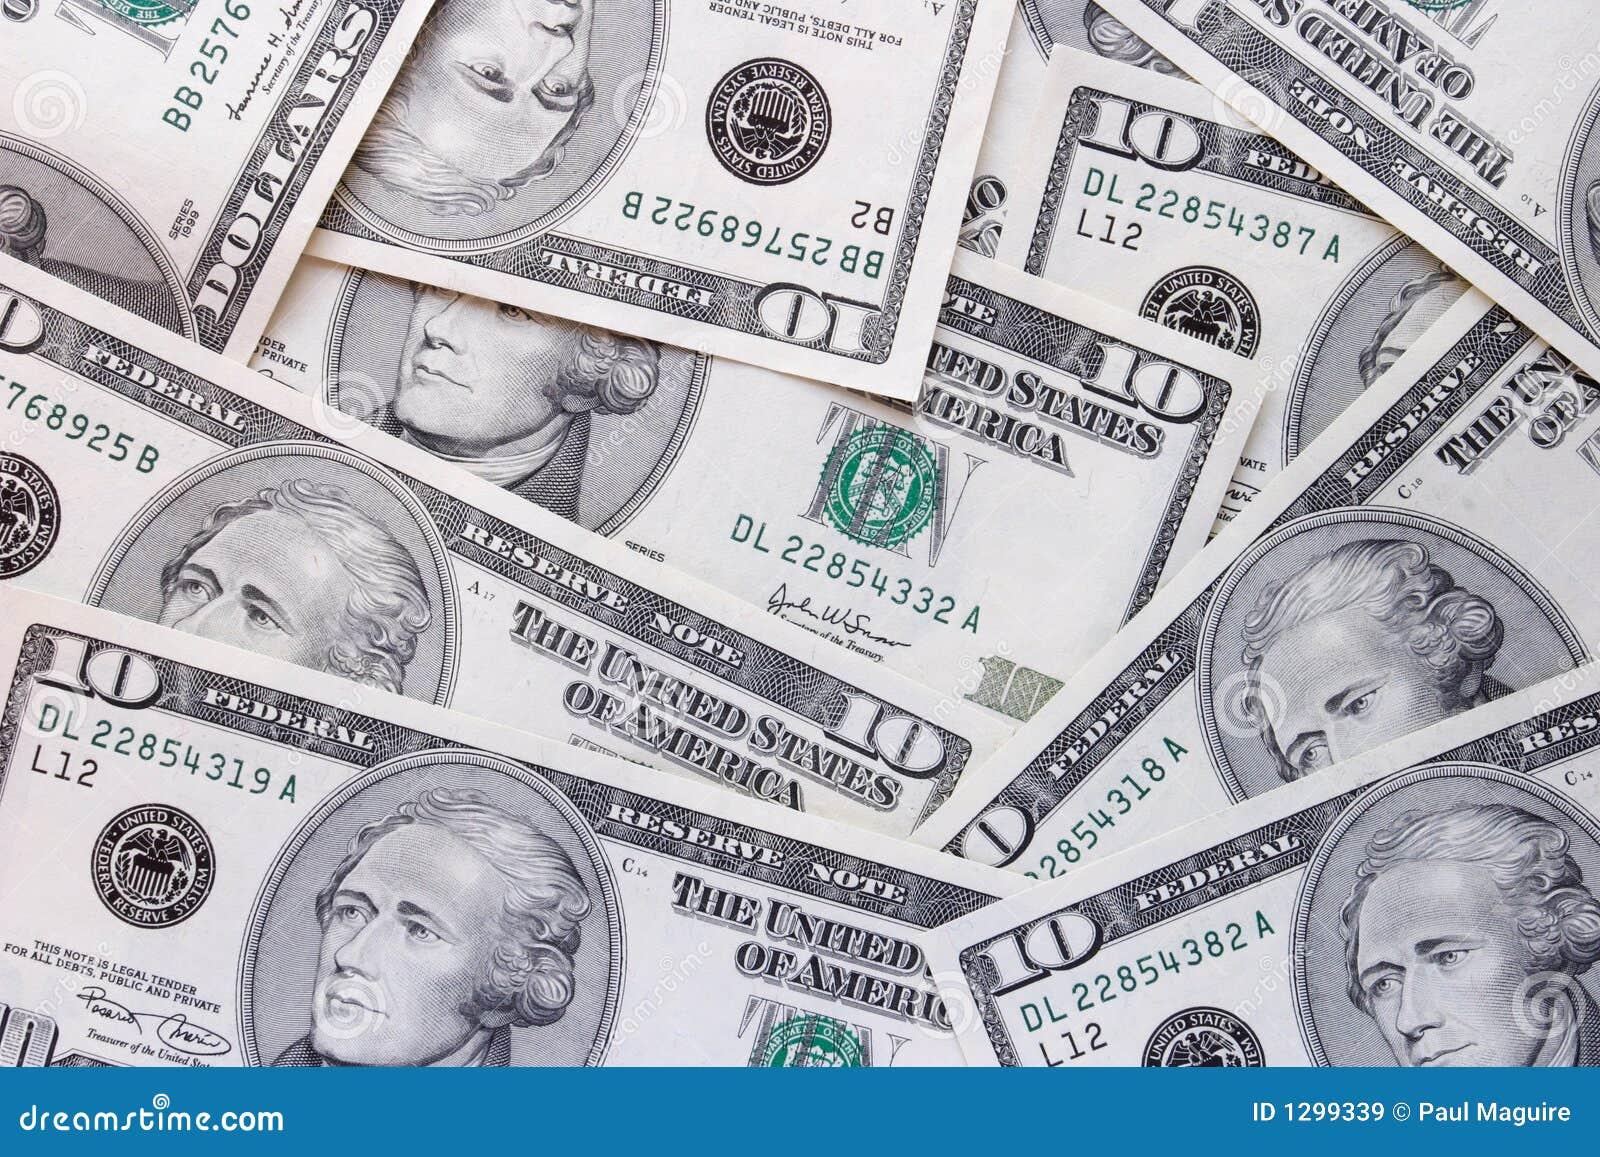 Bill $ 10